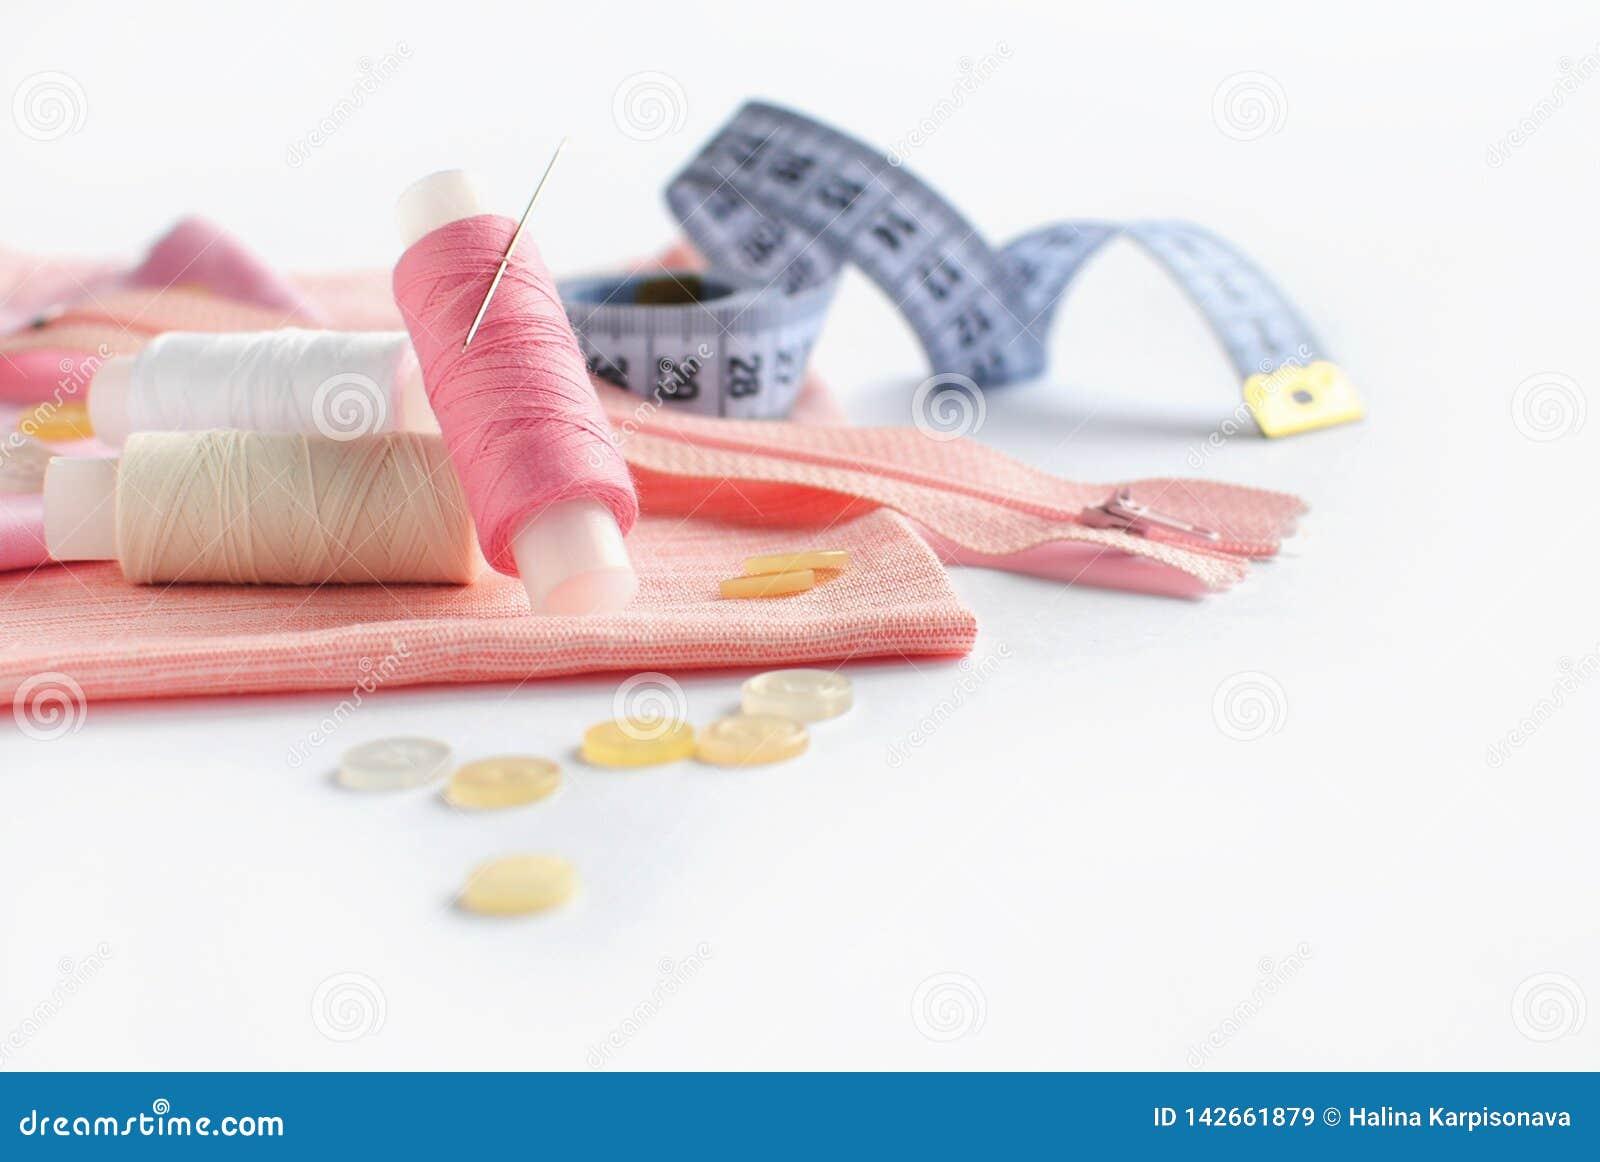 Szwalni akcesoria i różowa tkanina na białym tle Tkanina, szwalne nici, igła, suwaczek, guziki i szwalny centymetr,